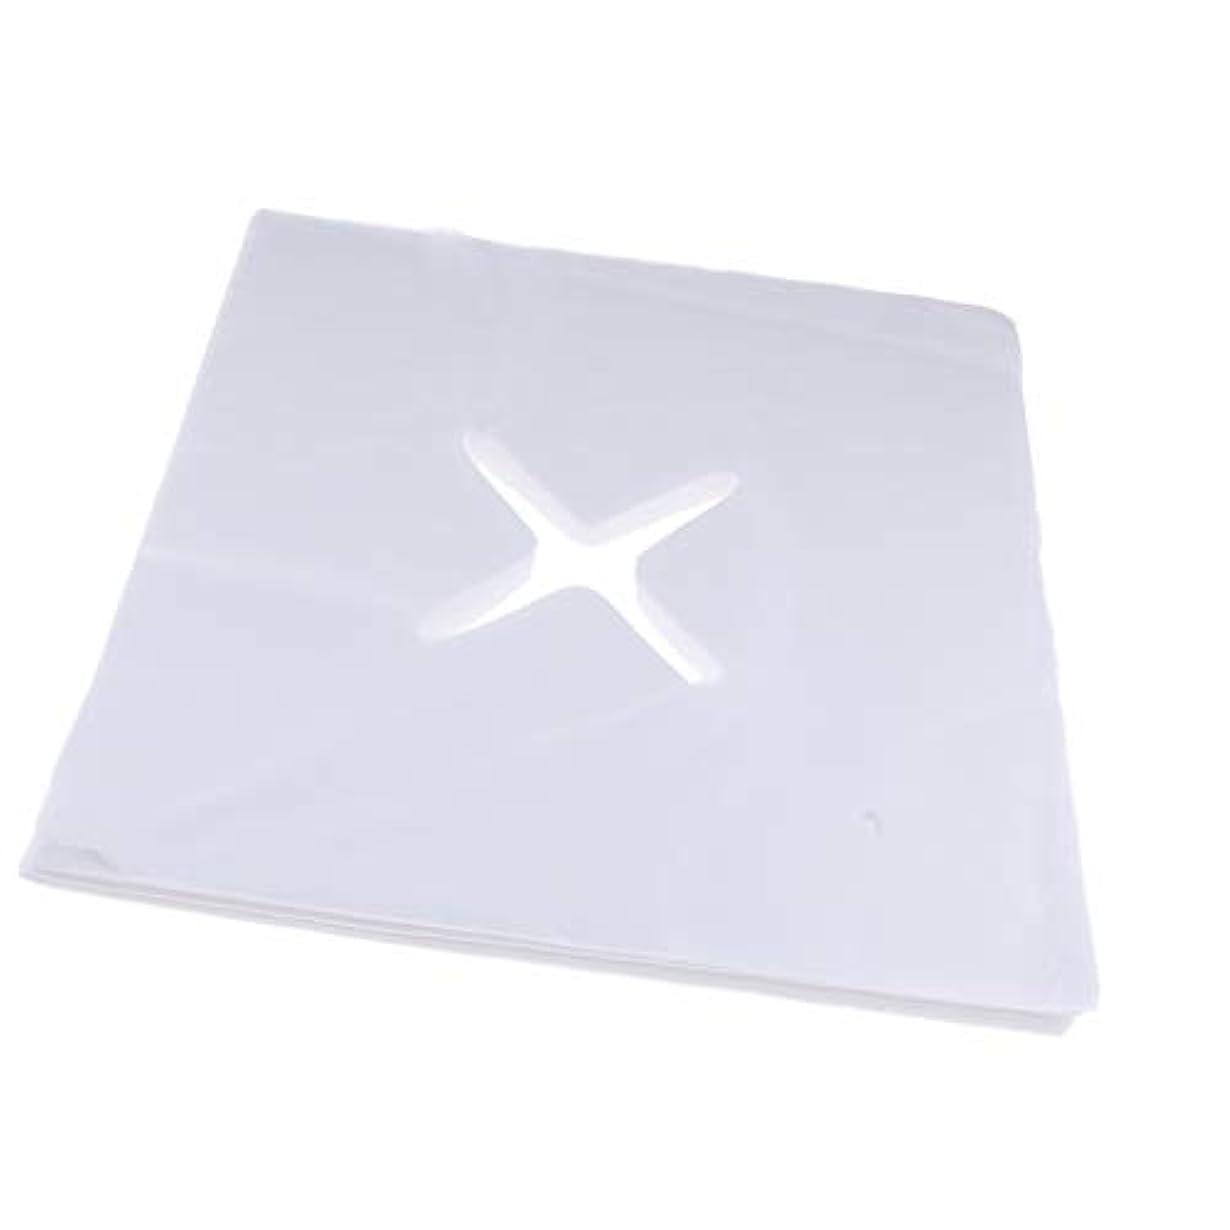 才能ジャンク口Perfeclan 約200枚 ピローシート 十字カット 使い捨て フェイスカバー 不織布PP クッション S/M - S